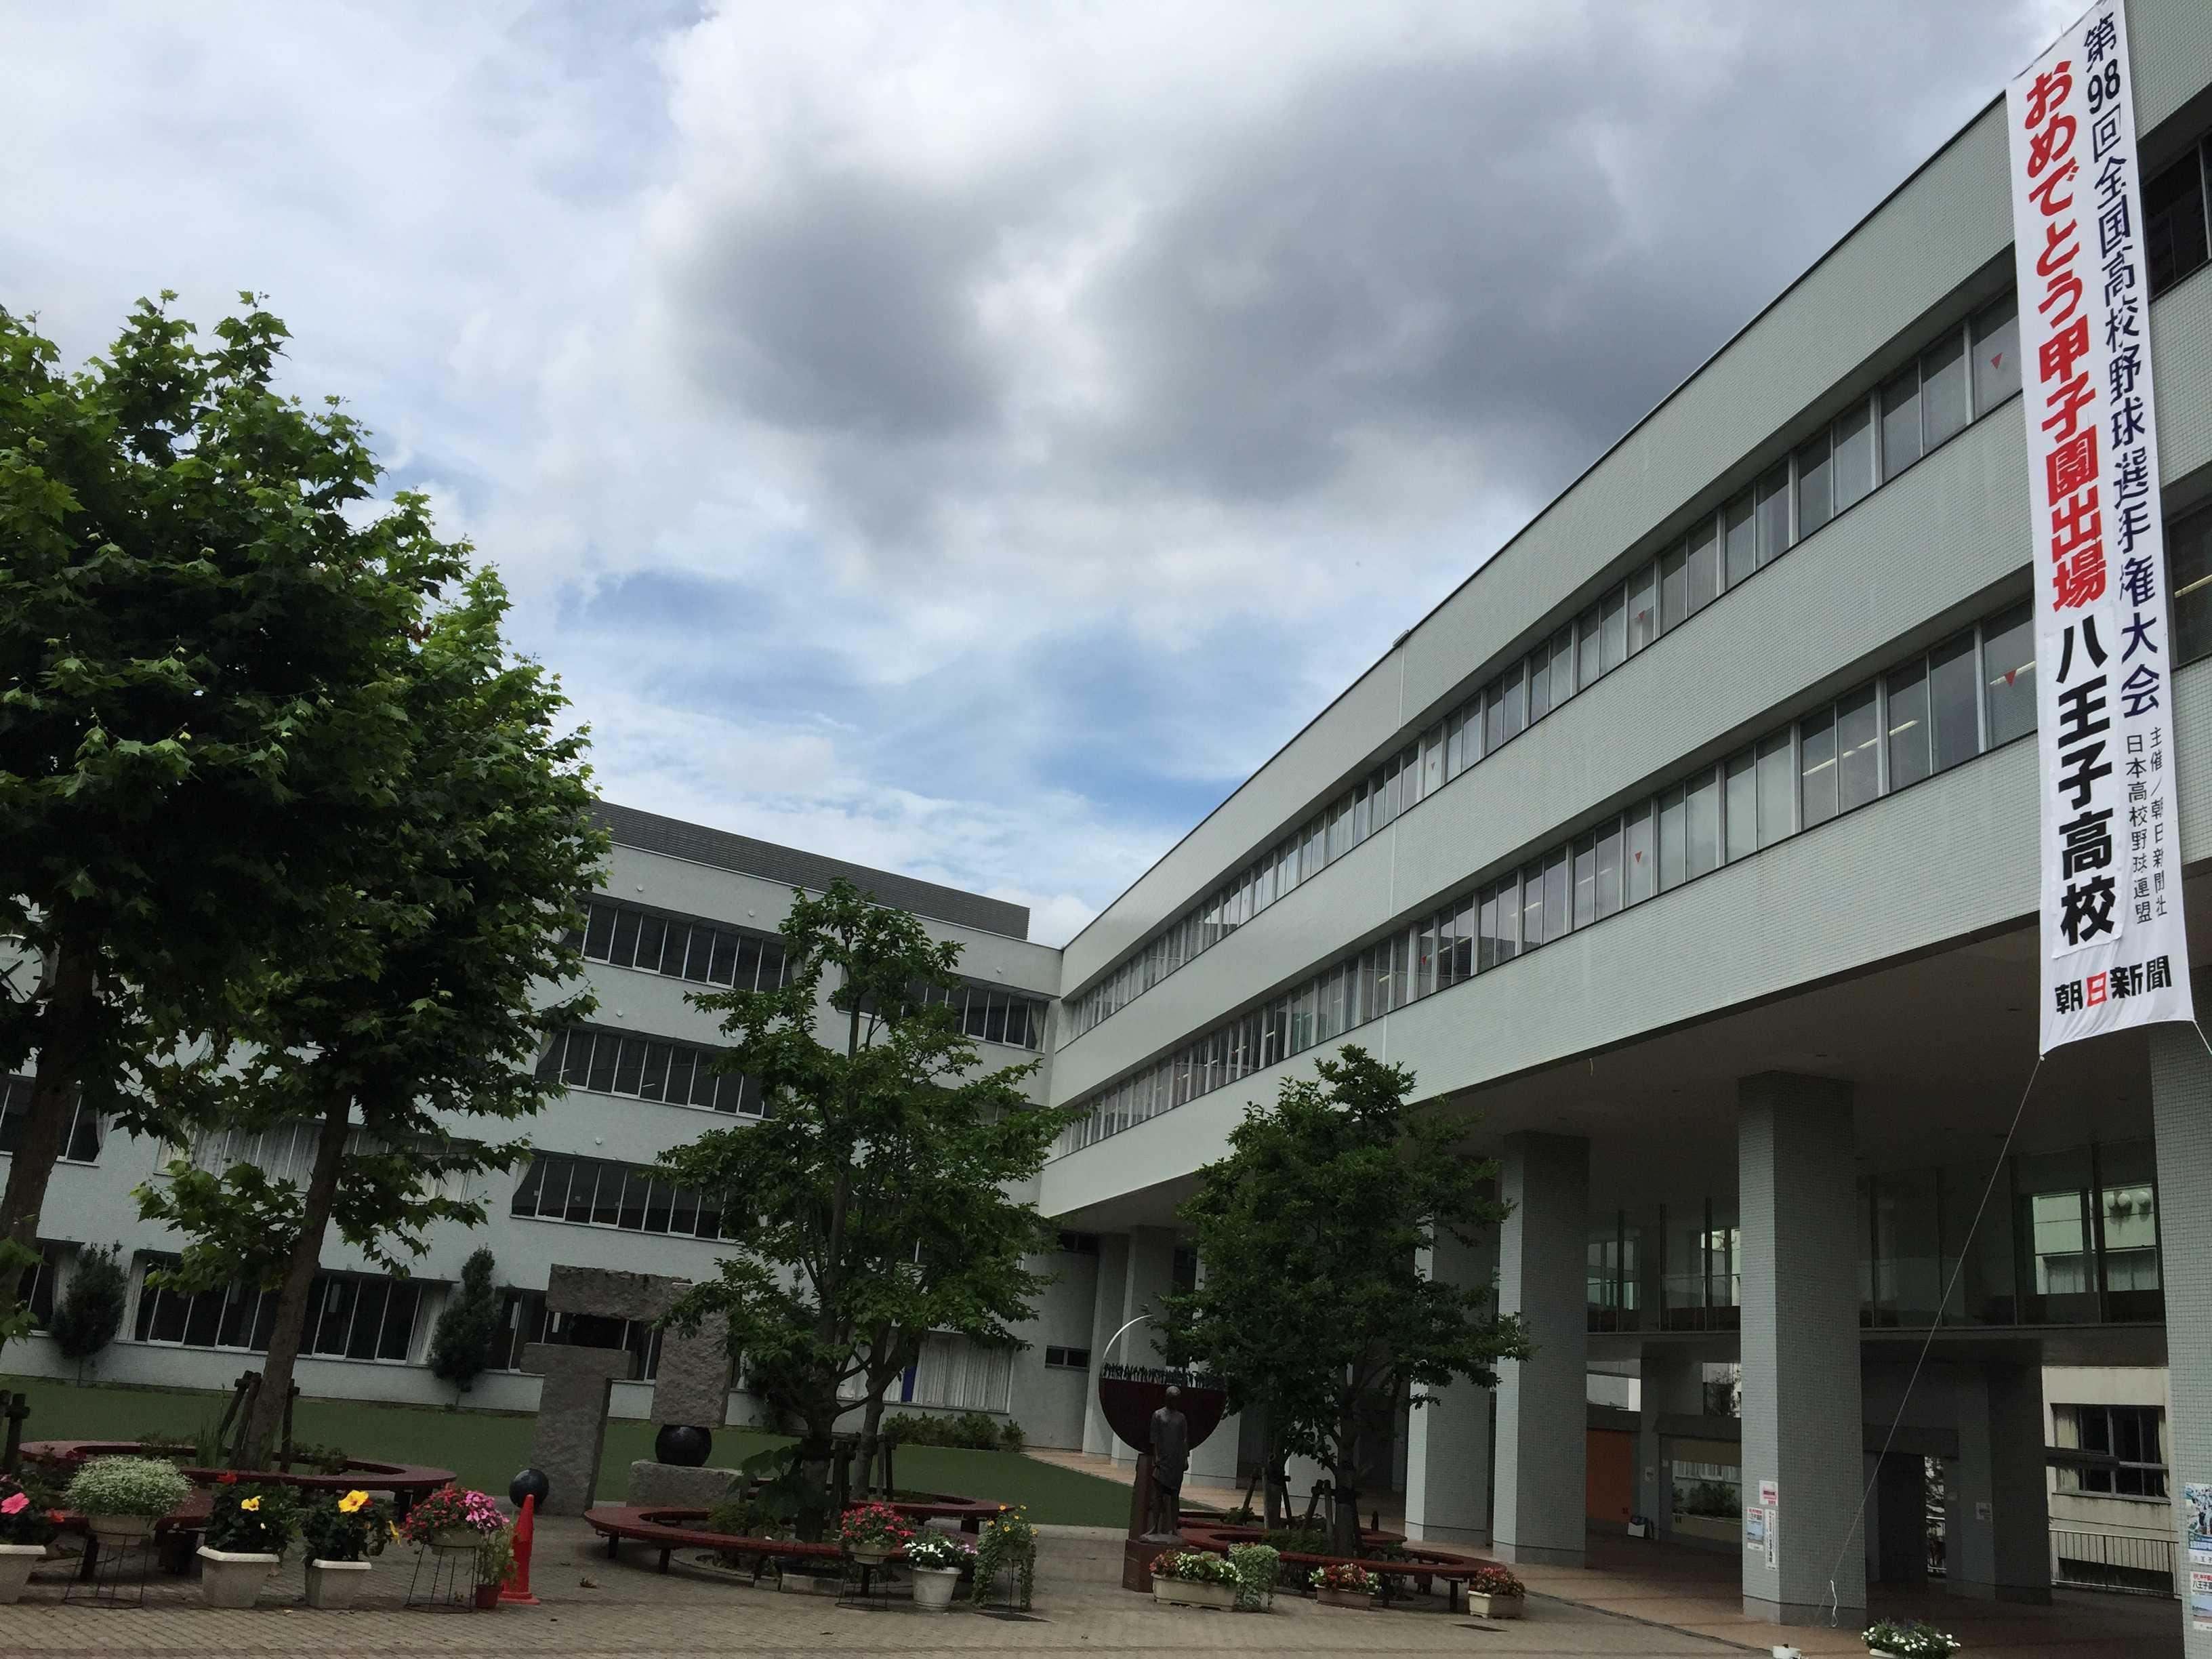 甲子園出場の垂れ幕が架かる八学校舎(東京都八王子市台町)